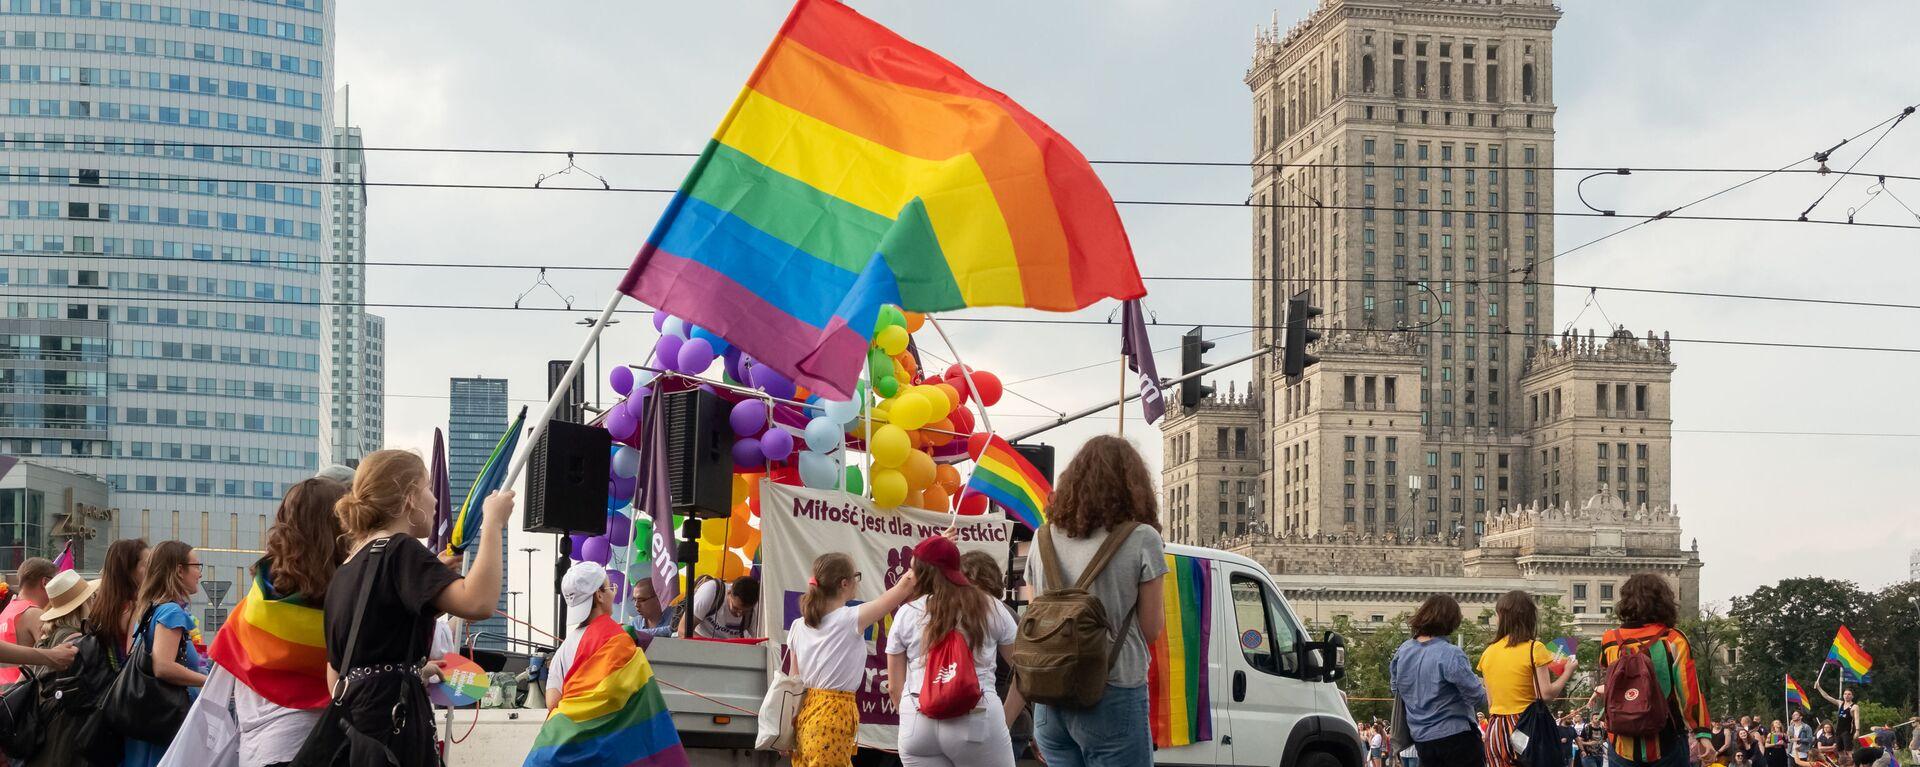 Parada LGBT w Warszawie - Sputnik Polska, 1920, 23.12.2020